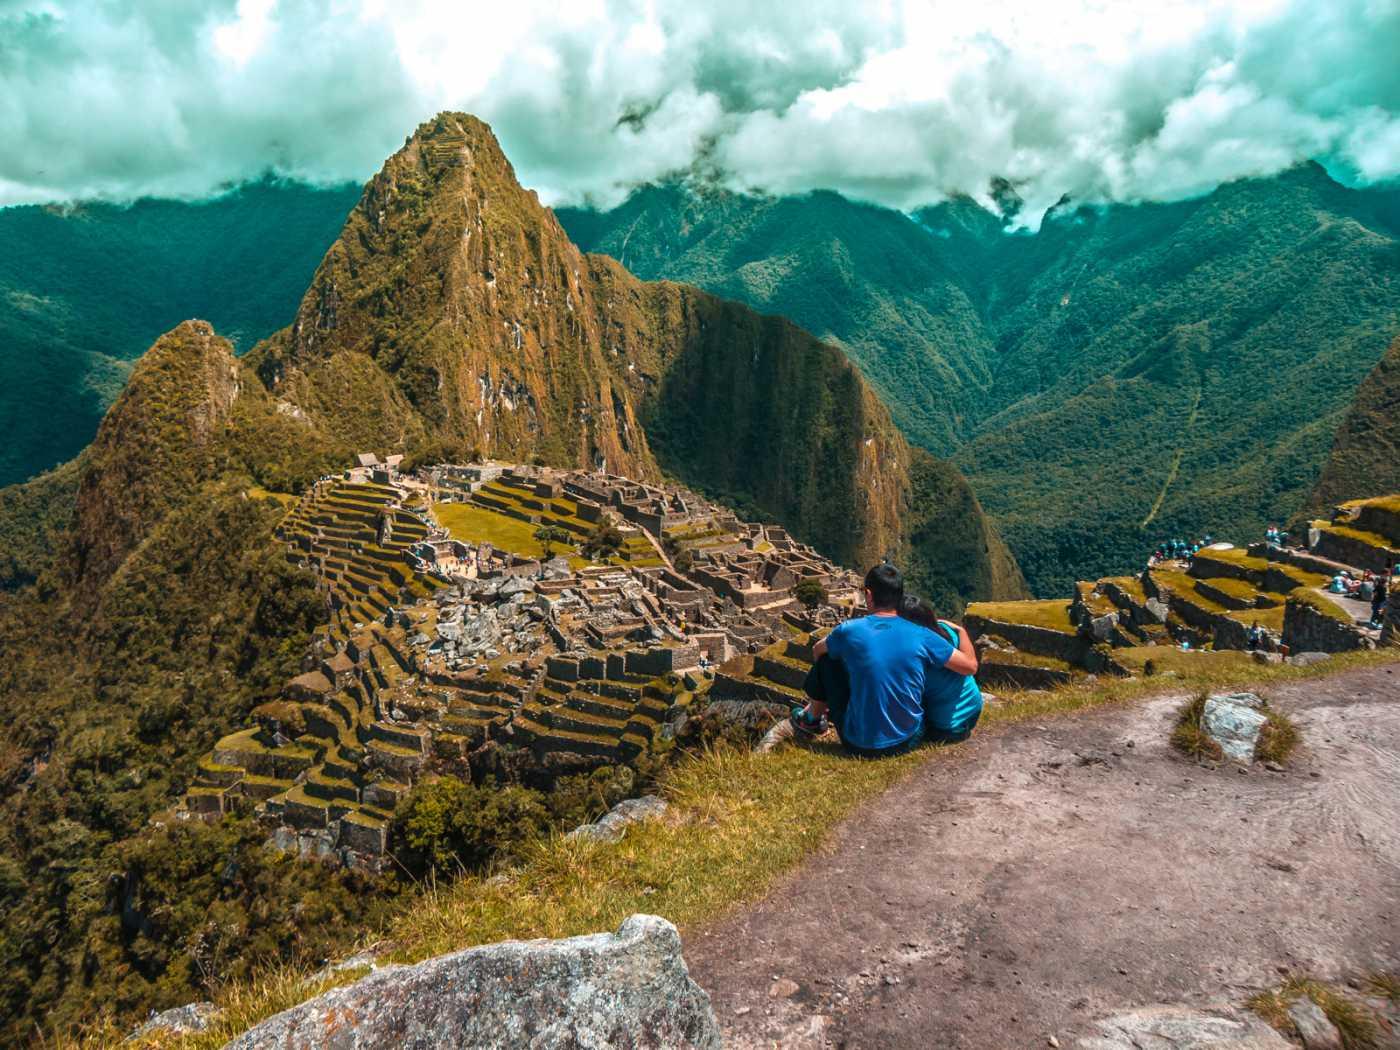 Viajes a Machu Picchu desde Cusco